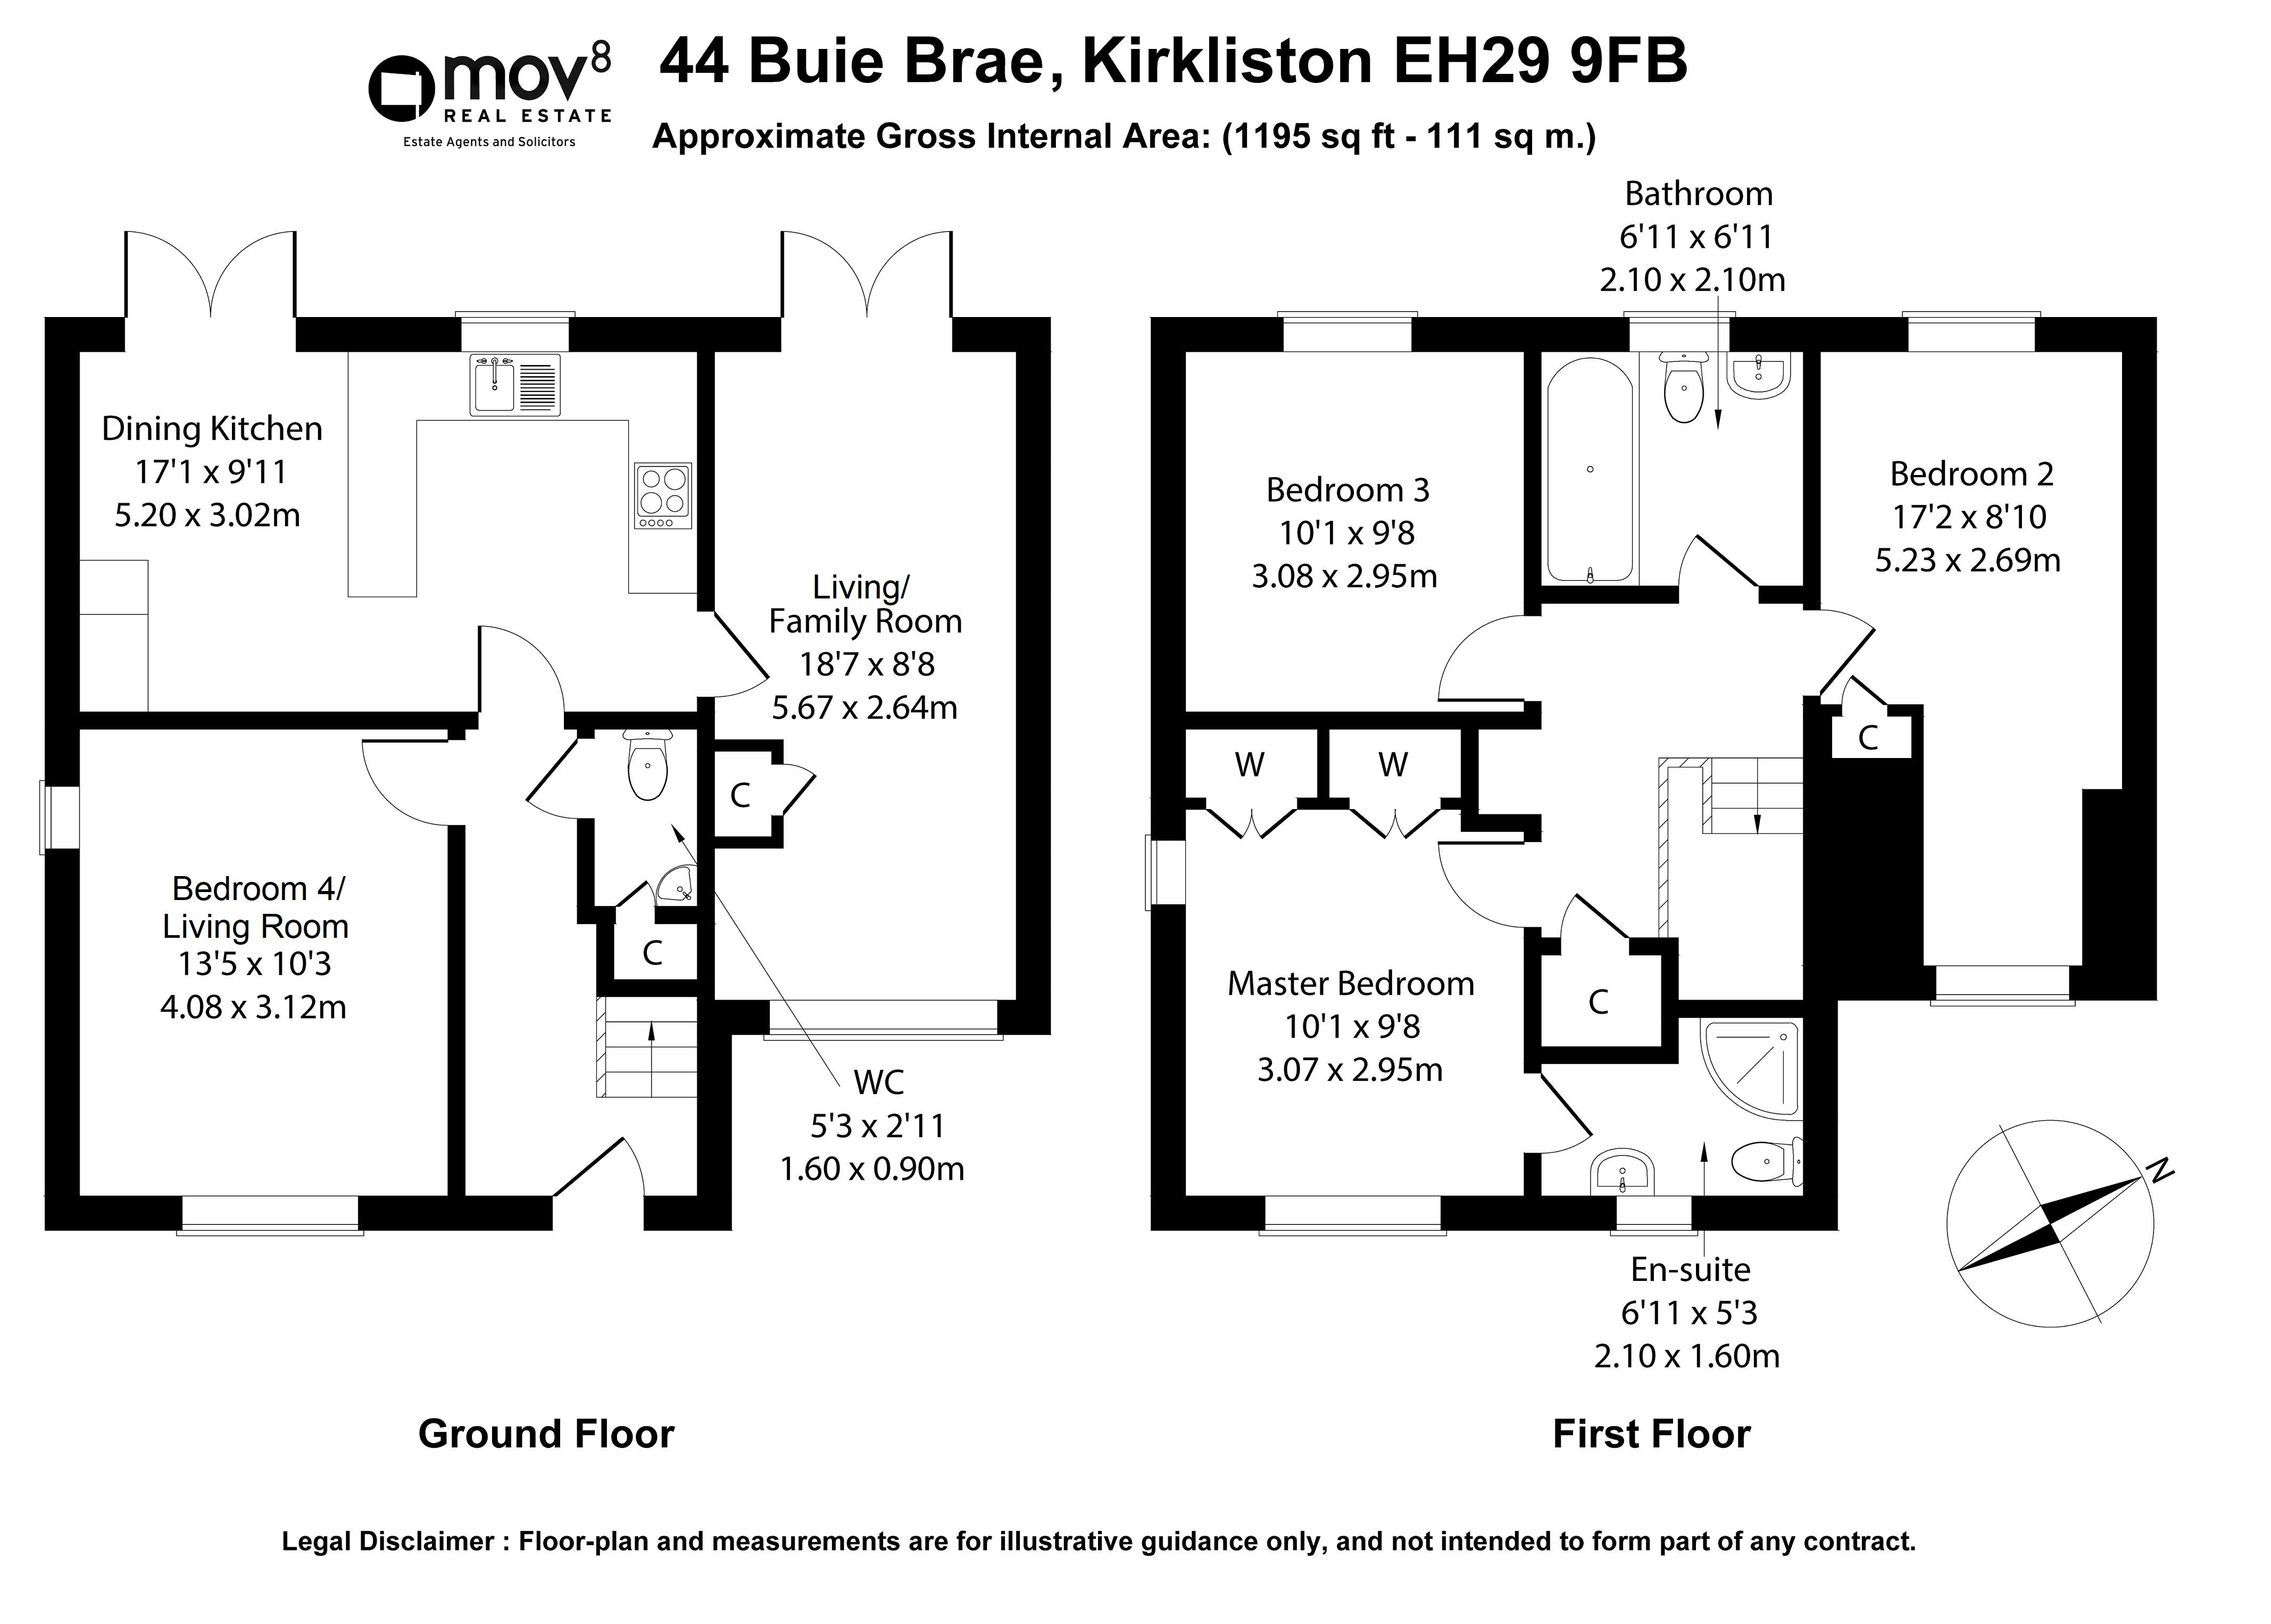 Floorplan 1 of 44 Buie Brae, Kirkliston, City of Edinburgh, EH29 9FB